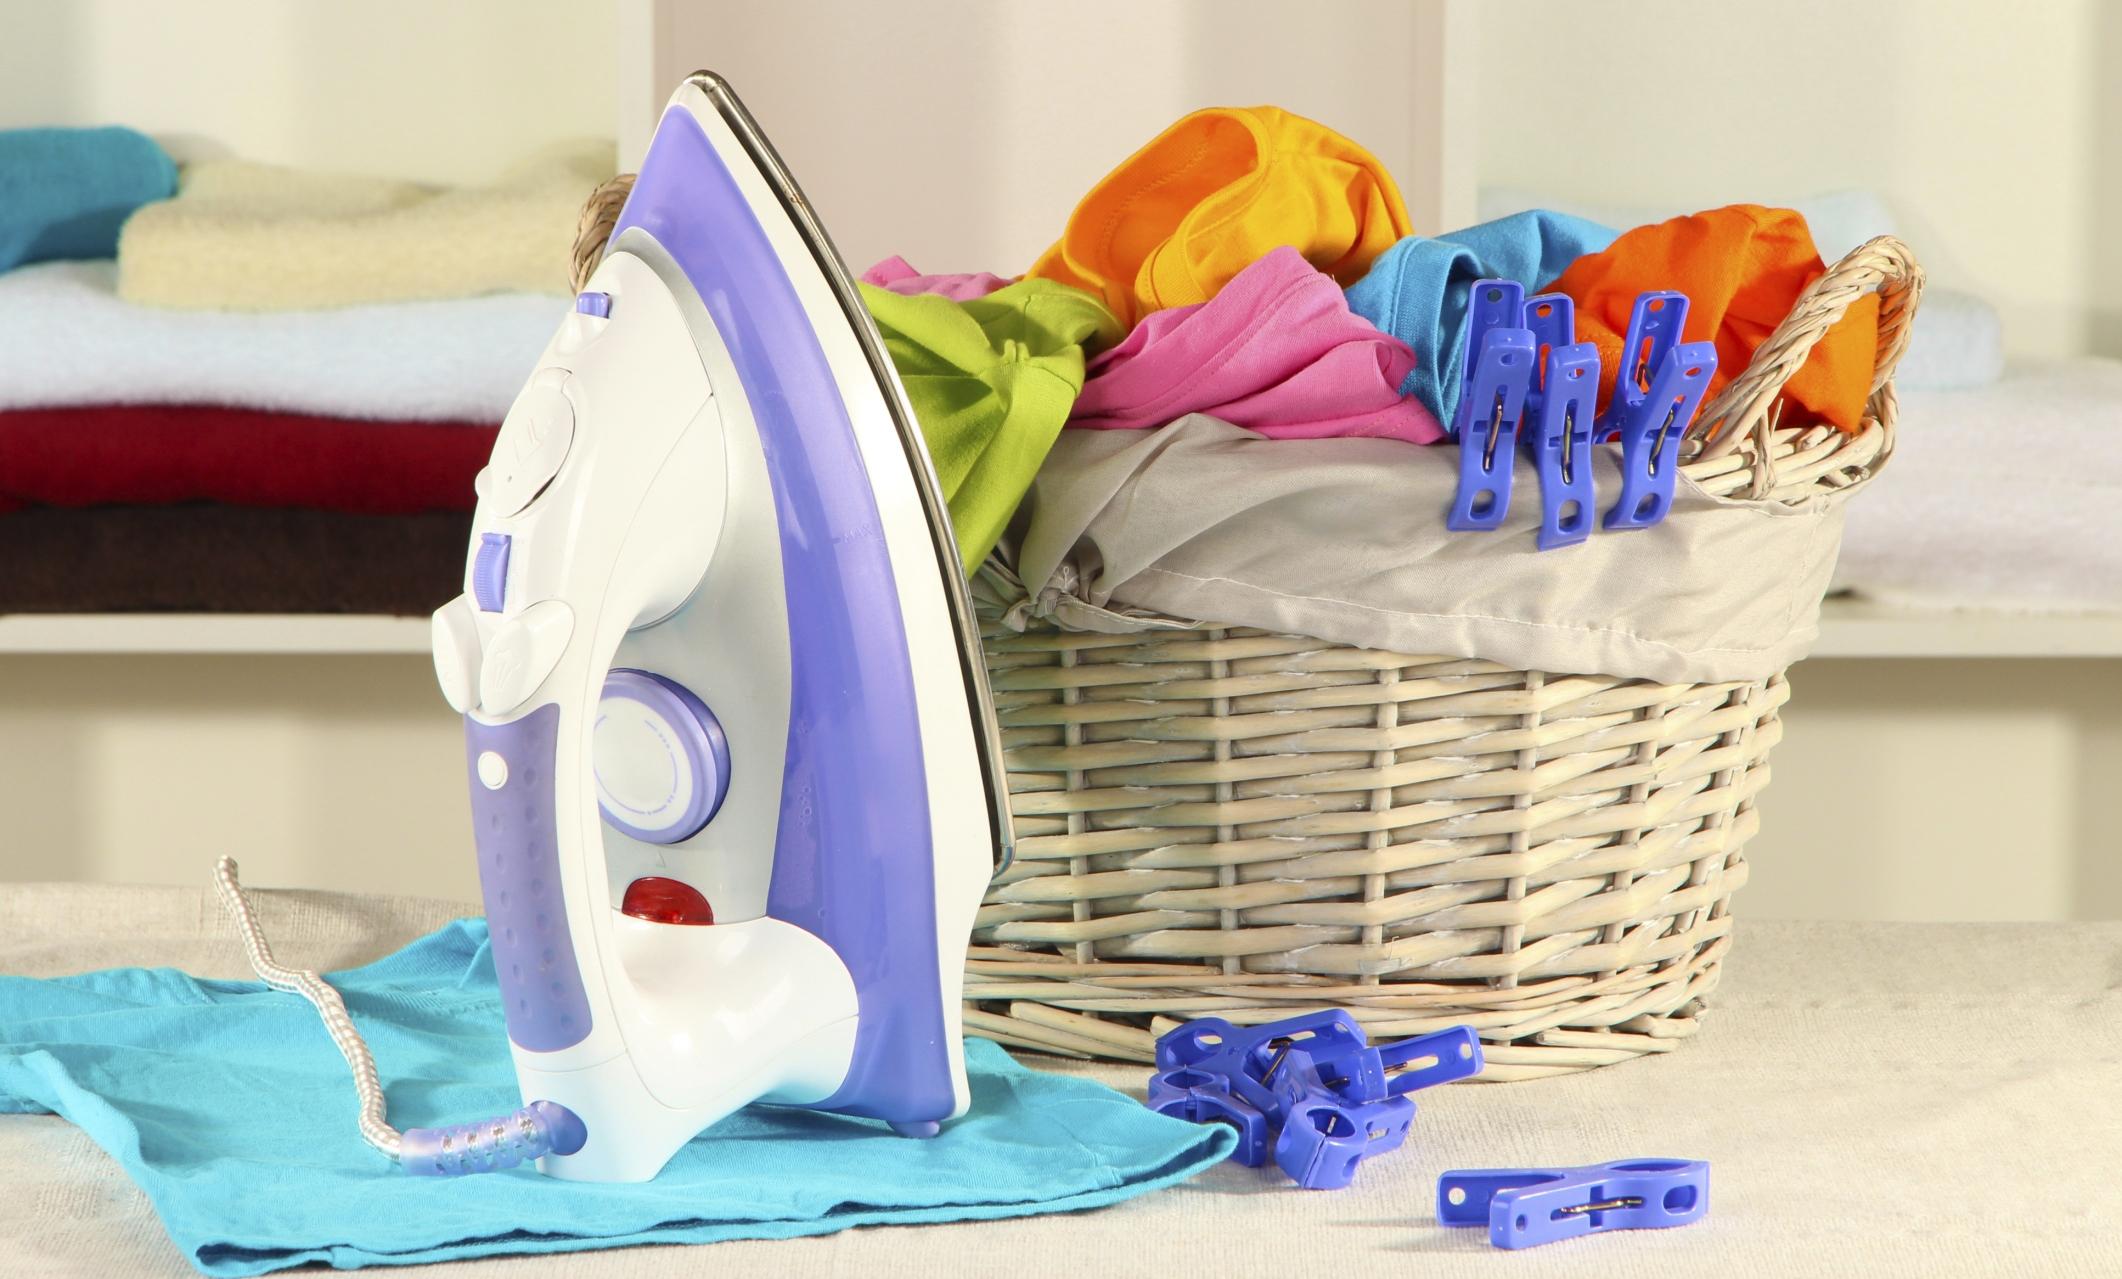 Come stirare abiti senza ferro da stiro